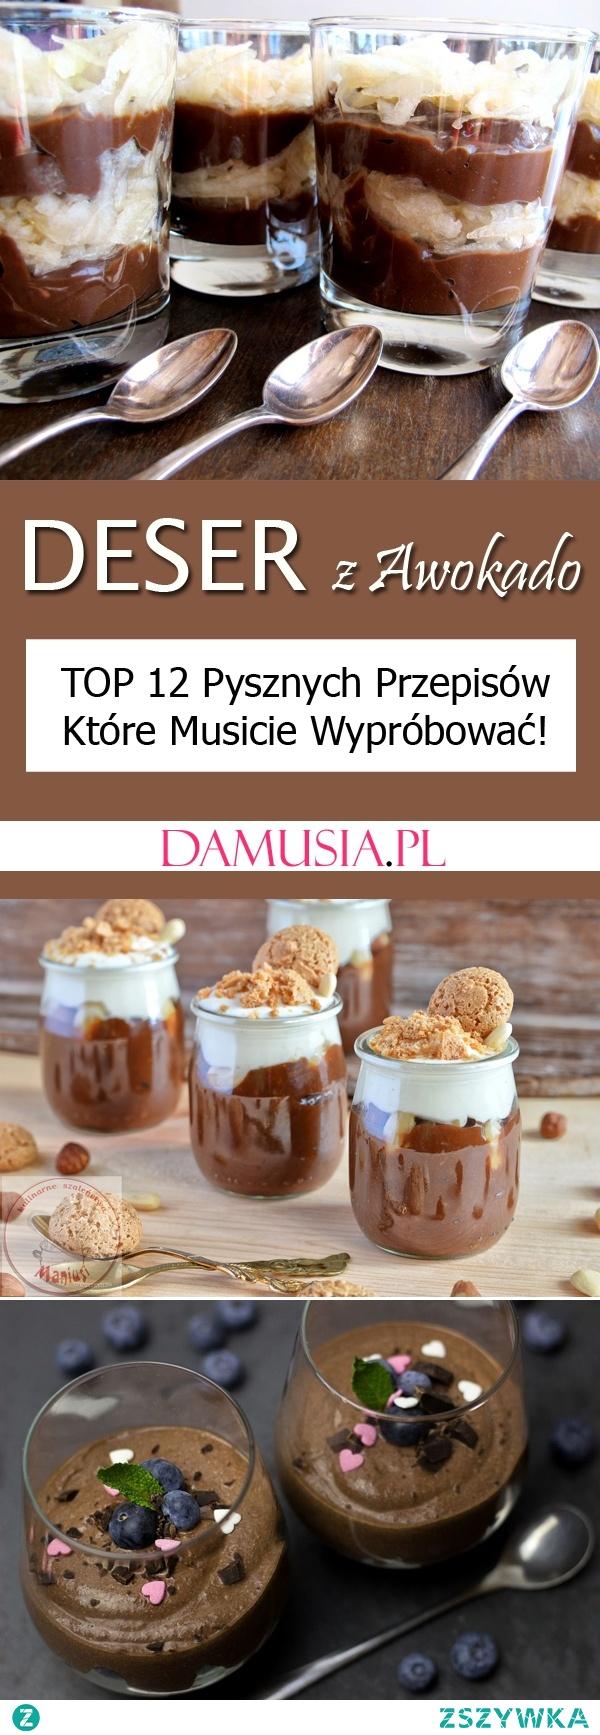 Deser z Awokado – TOP 12 Przepisów Które Musicie Wypróbować!